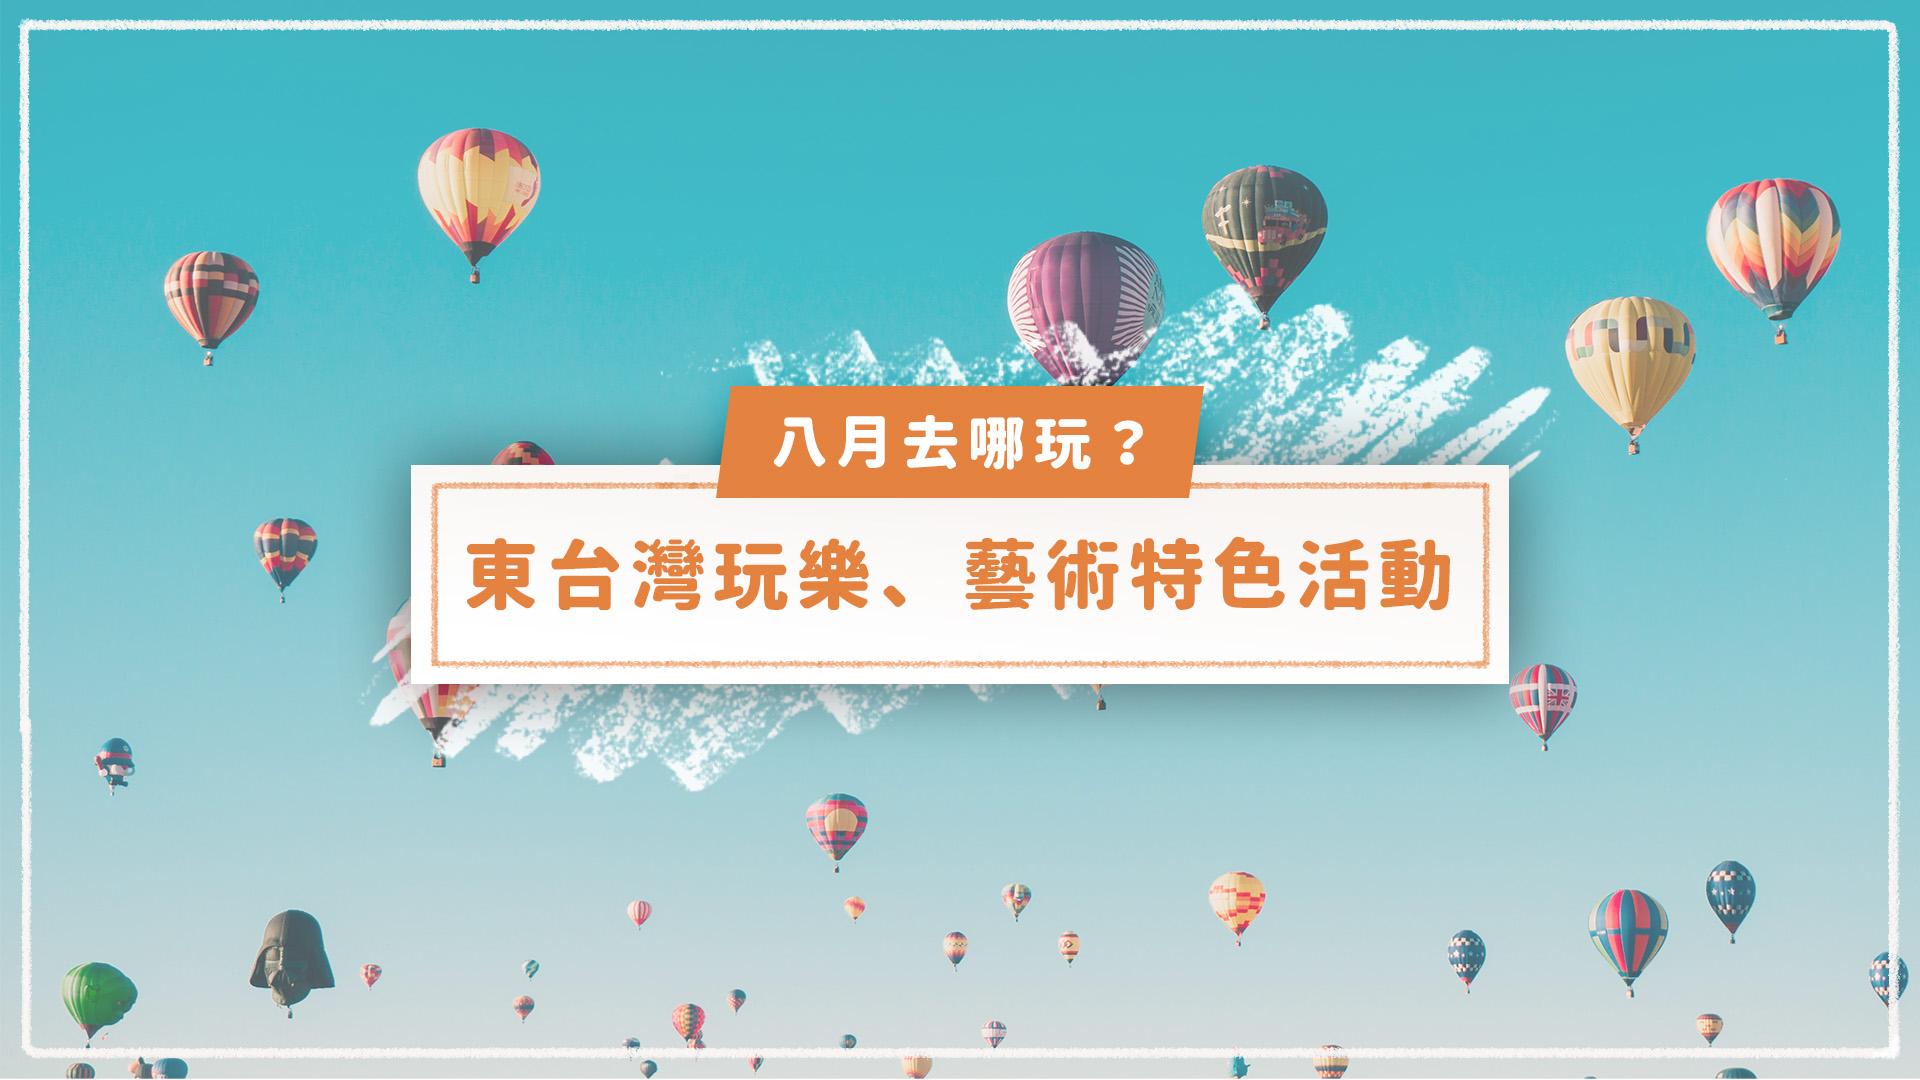 8 月去哪玩?4 個東台灣玩樂、藝術活動,大人兒童都適合!